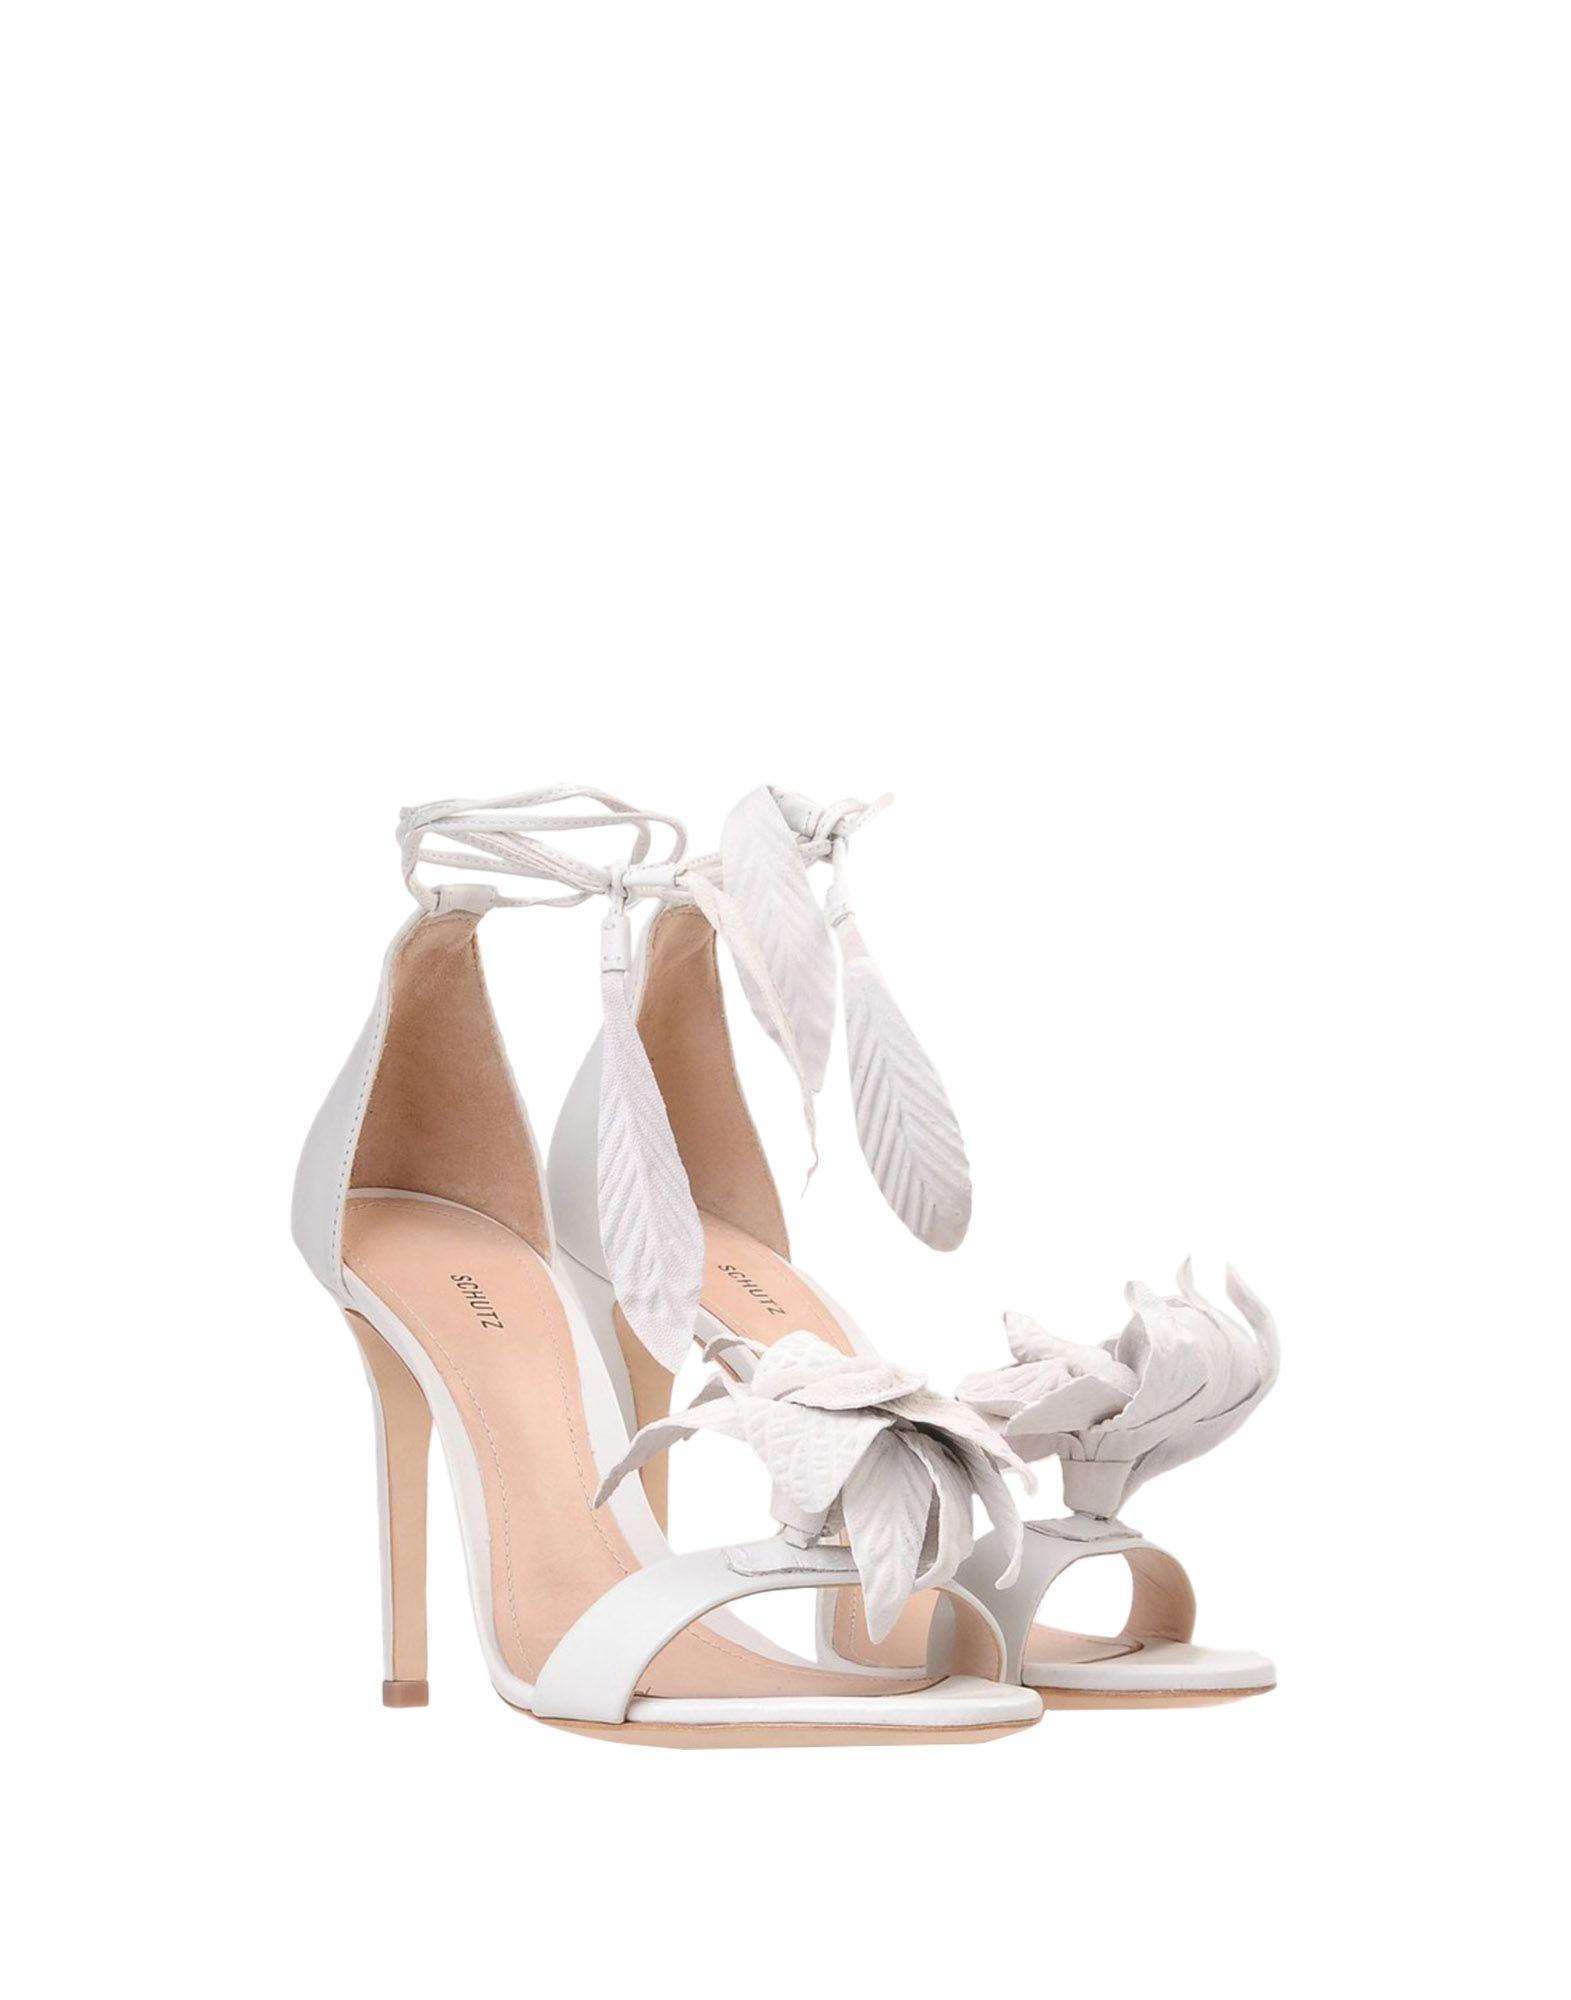 Damen Schutz Sandalen Damen   11458127DX Heiße Schuhe 5d8f6a